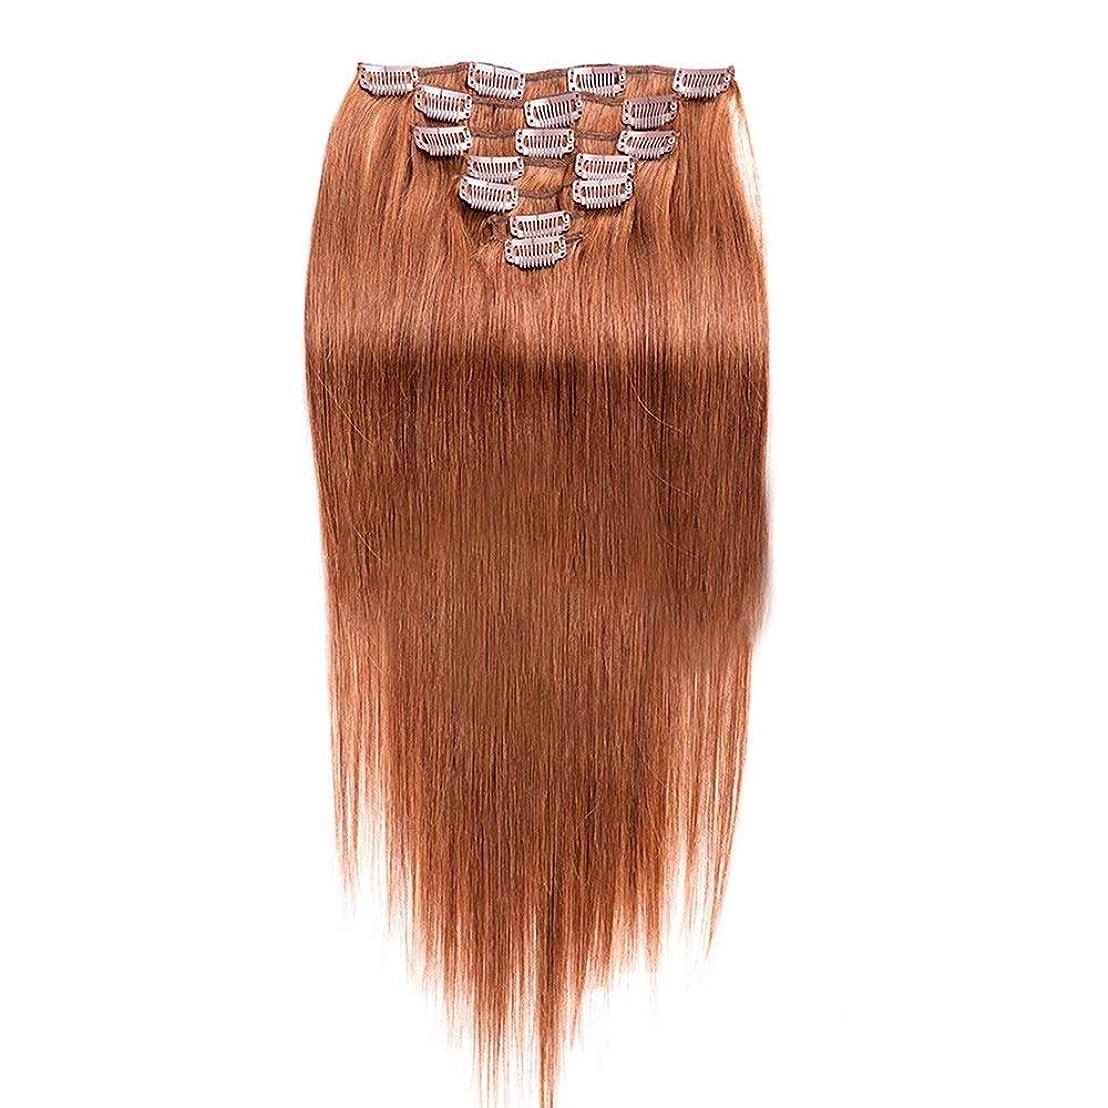 日付付き心理学船尾HOHYLLYA 人間の髪の毛の拡張子でリアルクリップ - 16インチ7個 - #30茶色がかった黄色の絹のようなストレートヘアピースロールプレイングかつら女性の自然なかつら (色 : #30 Brownish yellow)